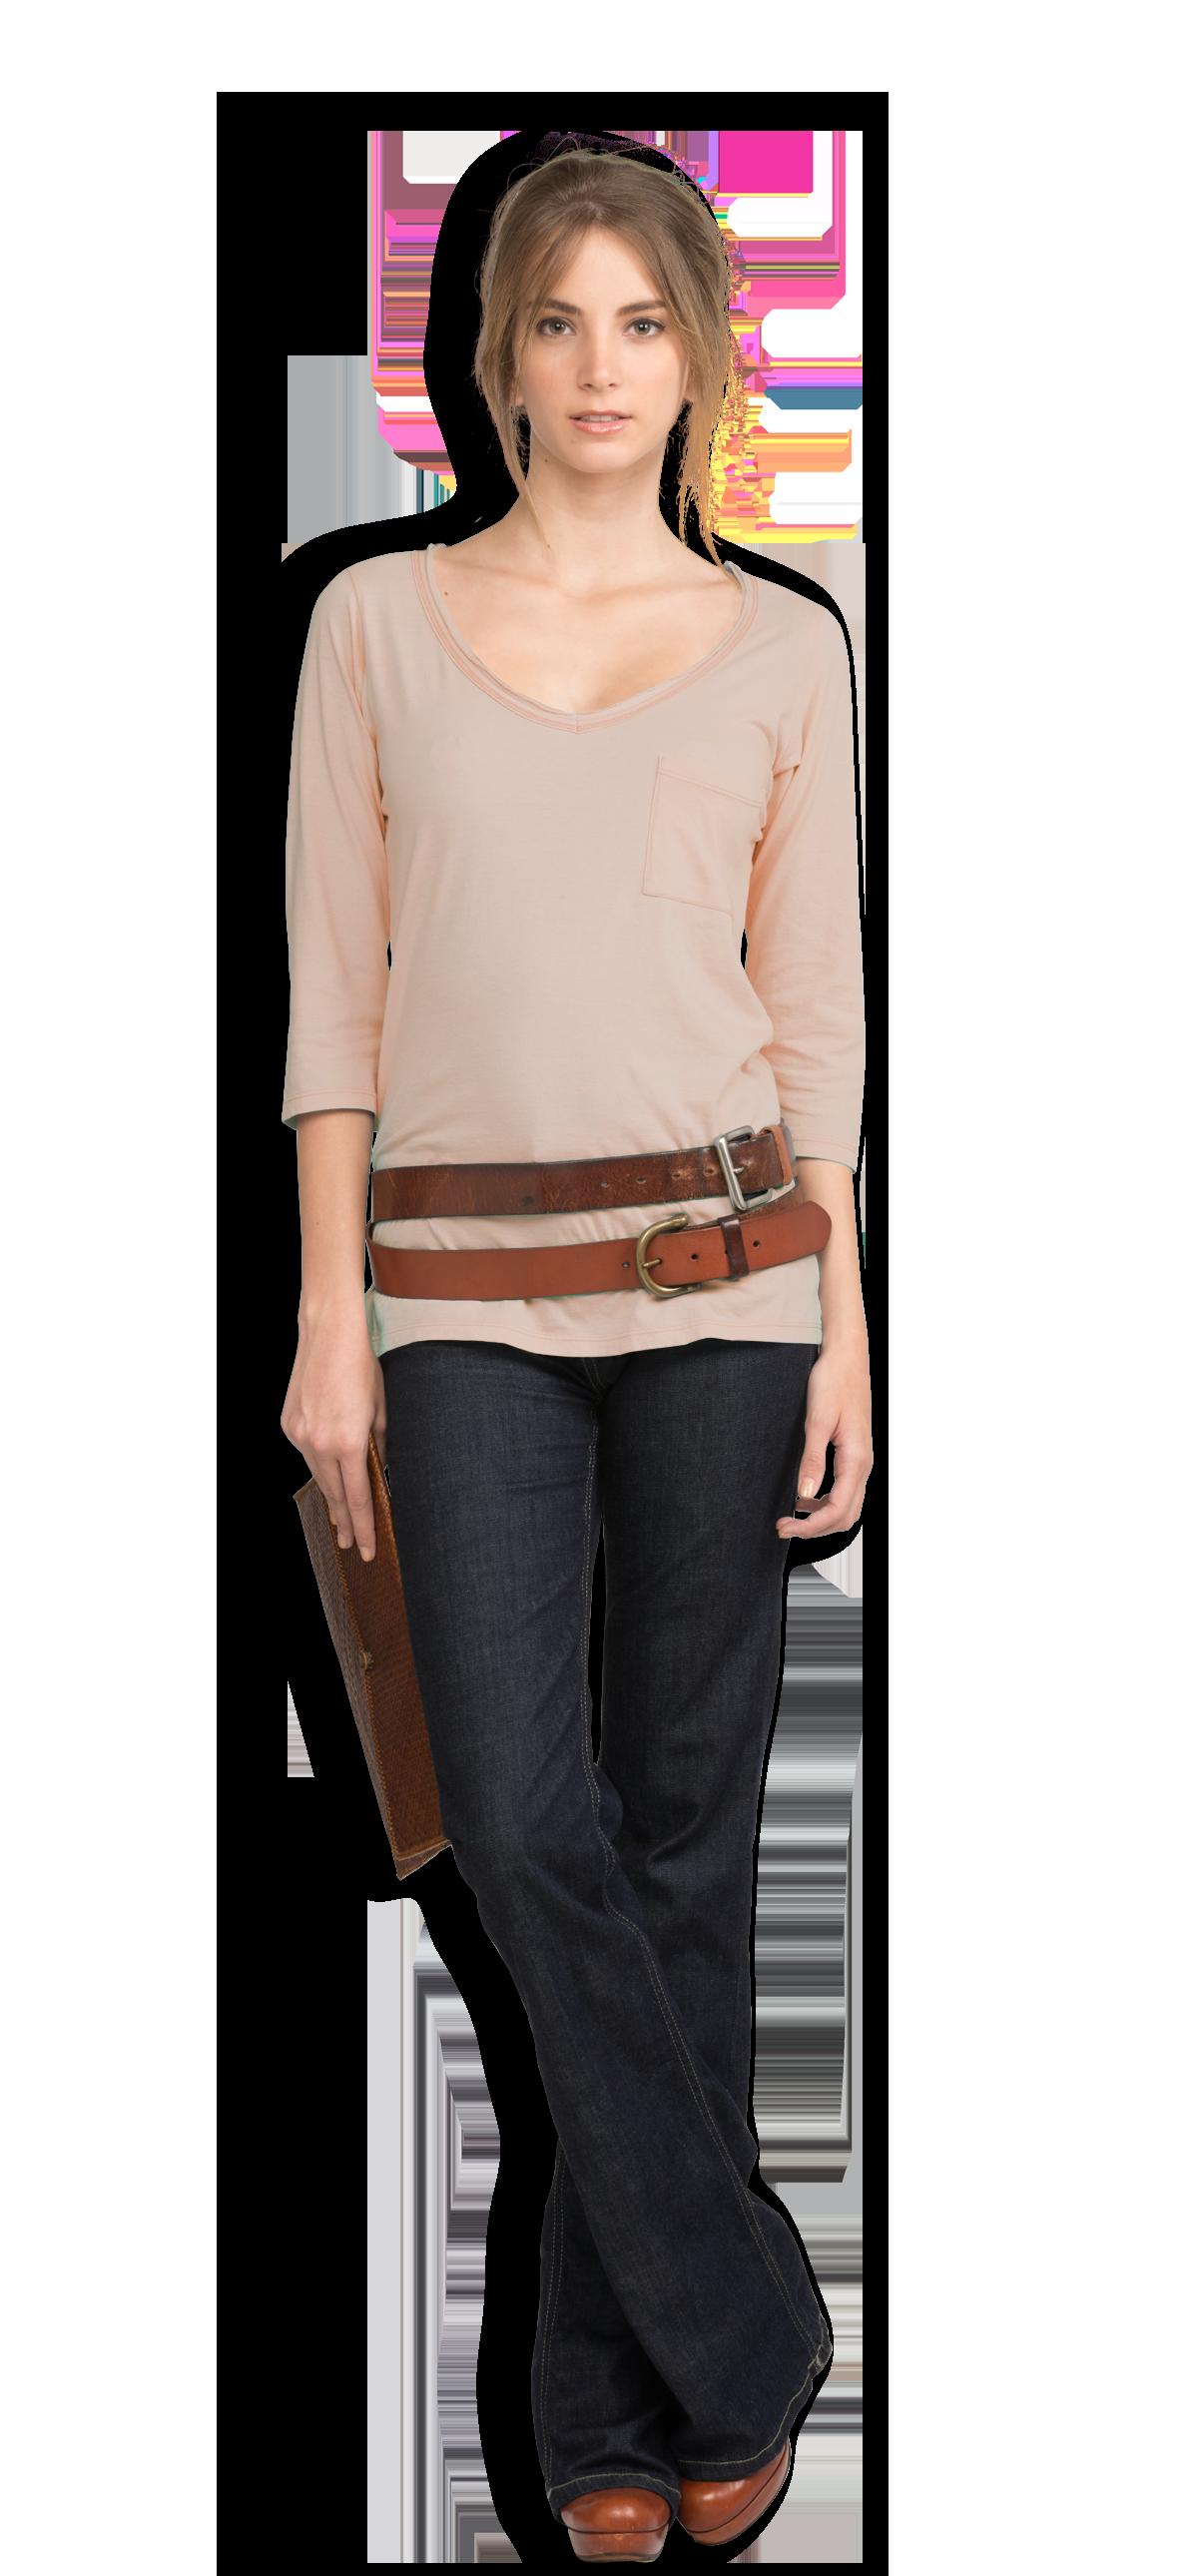 b9e1d99f1a68ae neushop-woman-emille-cotton-t-shirt-smoke-gray